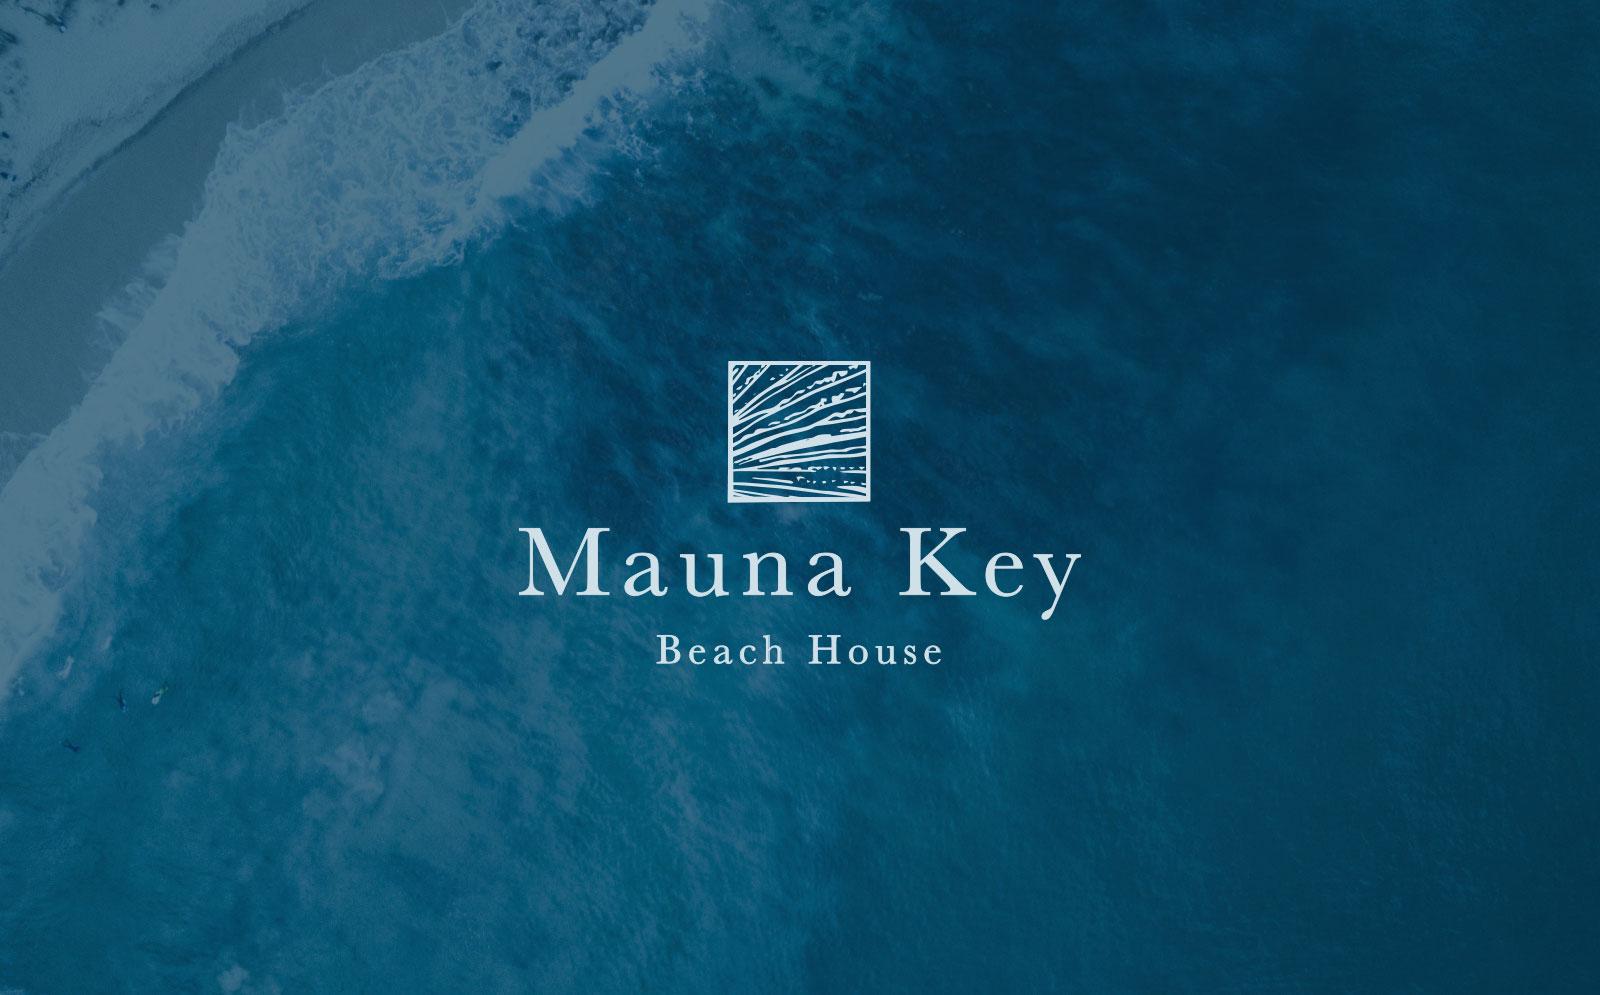 Mauna Key Beach House